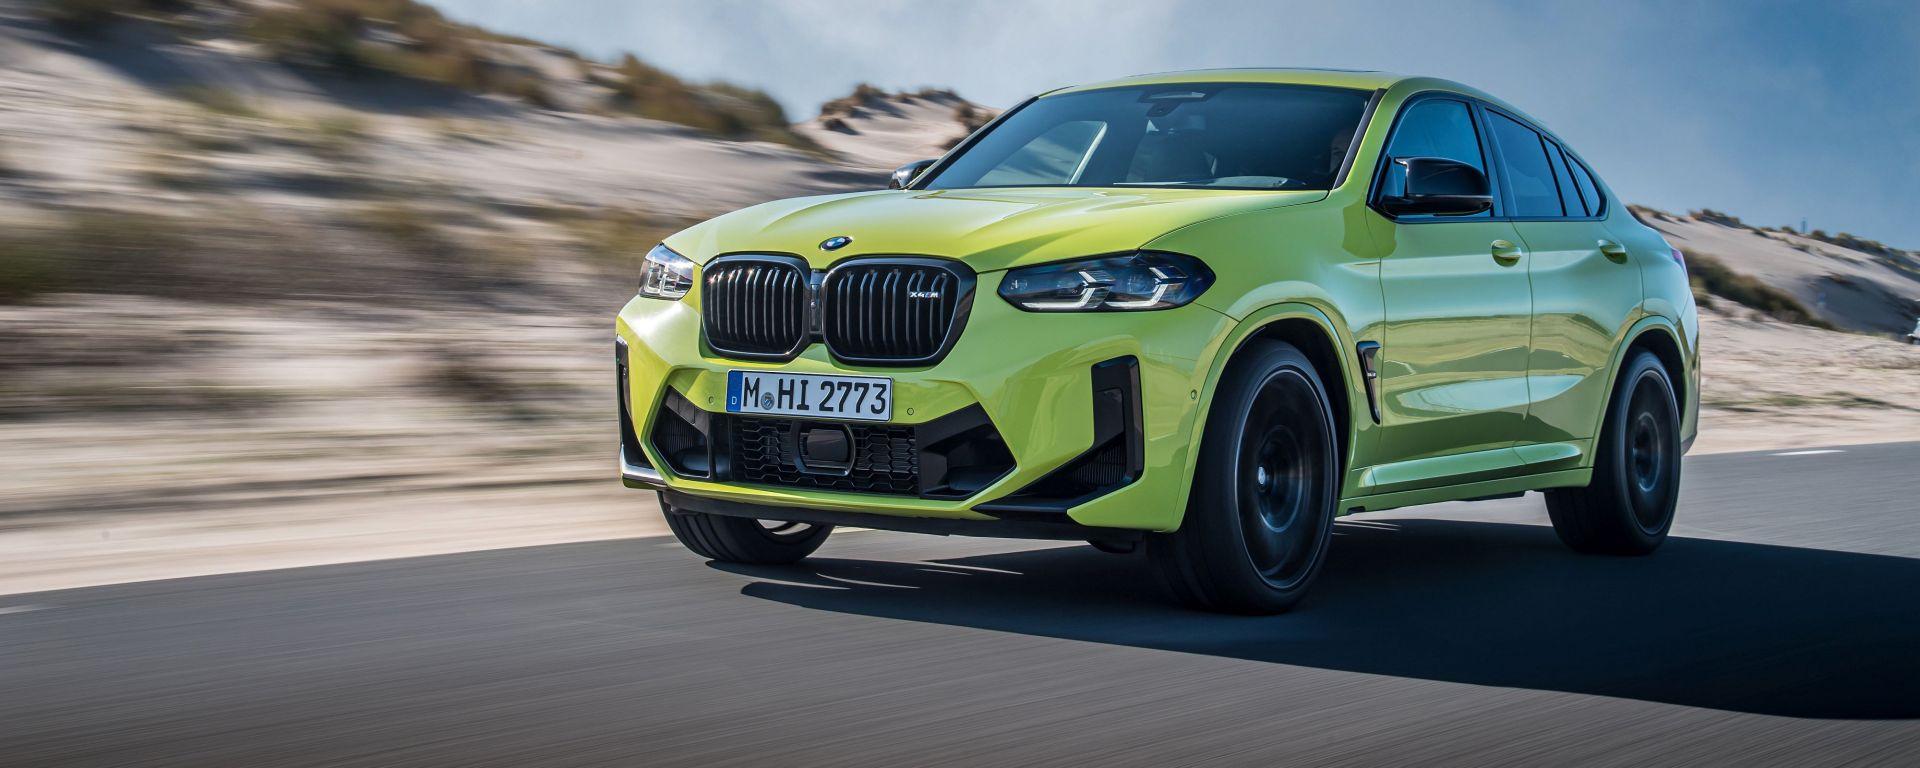 BMW X4 M Competition 2022: versione ad alte prestazioni per il SUV coupé